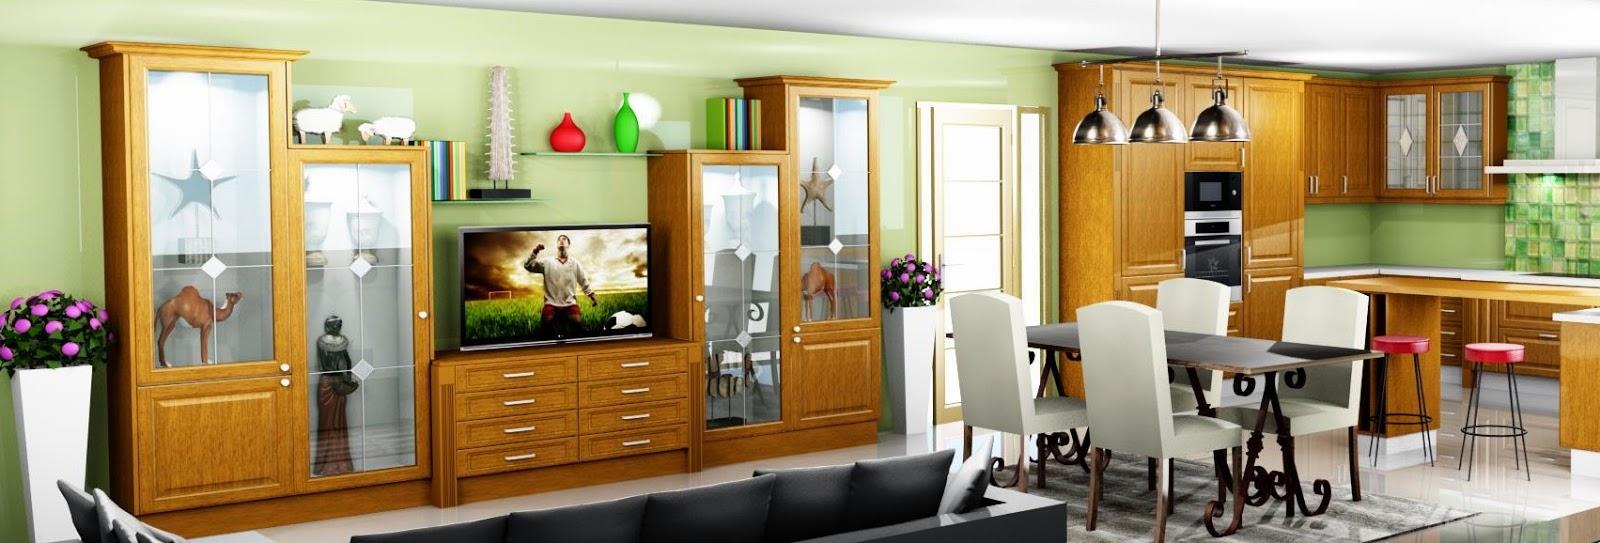 Muebles separadores de cocina y comedor for Muebles de cocina practicos